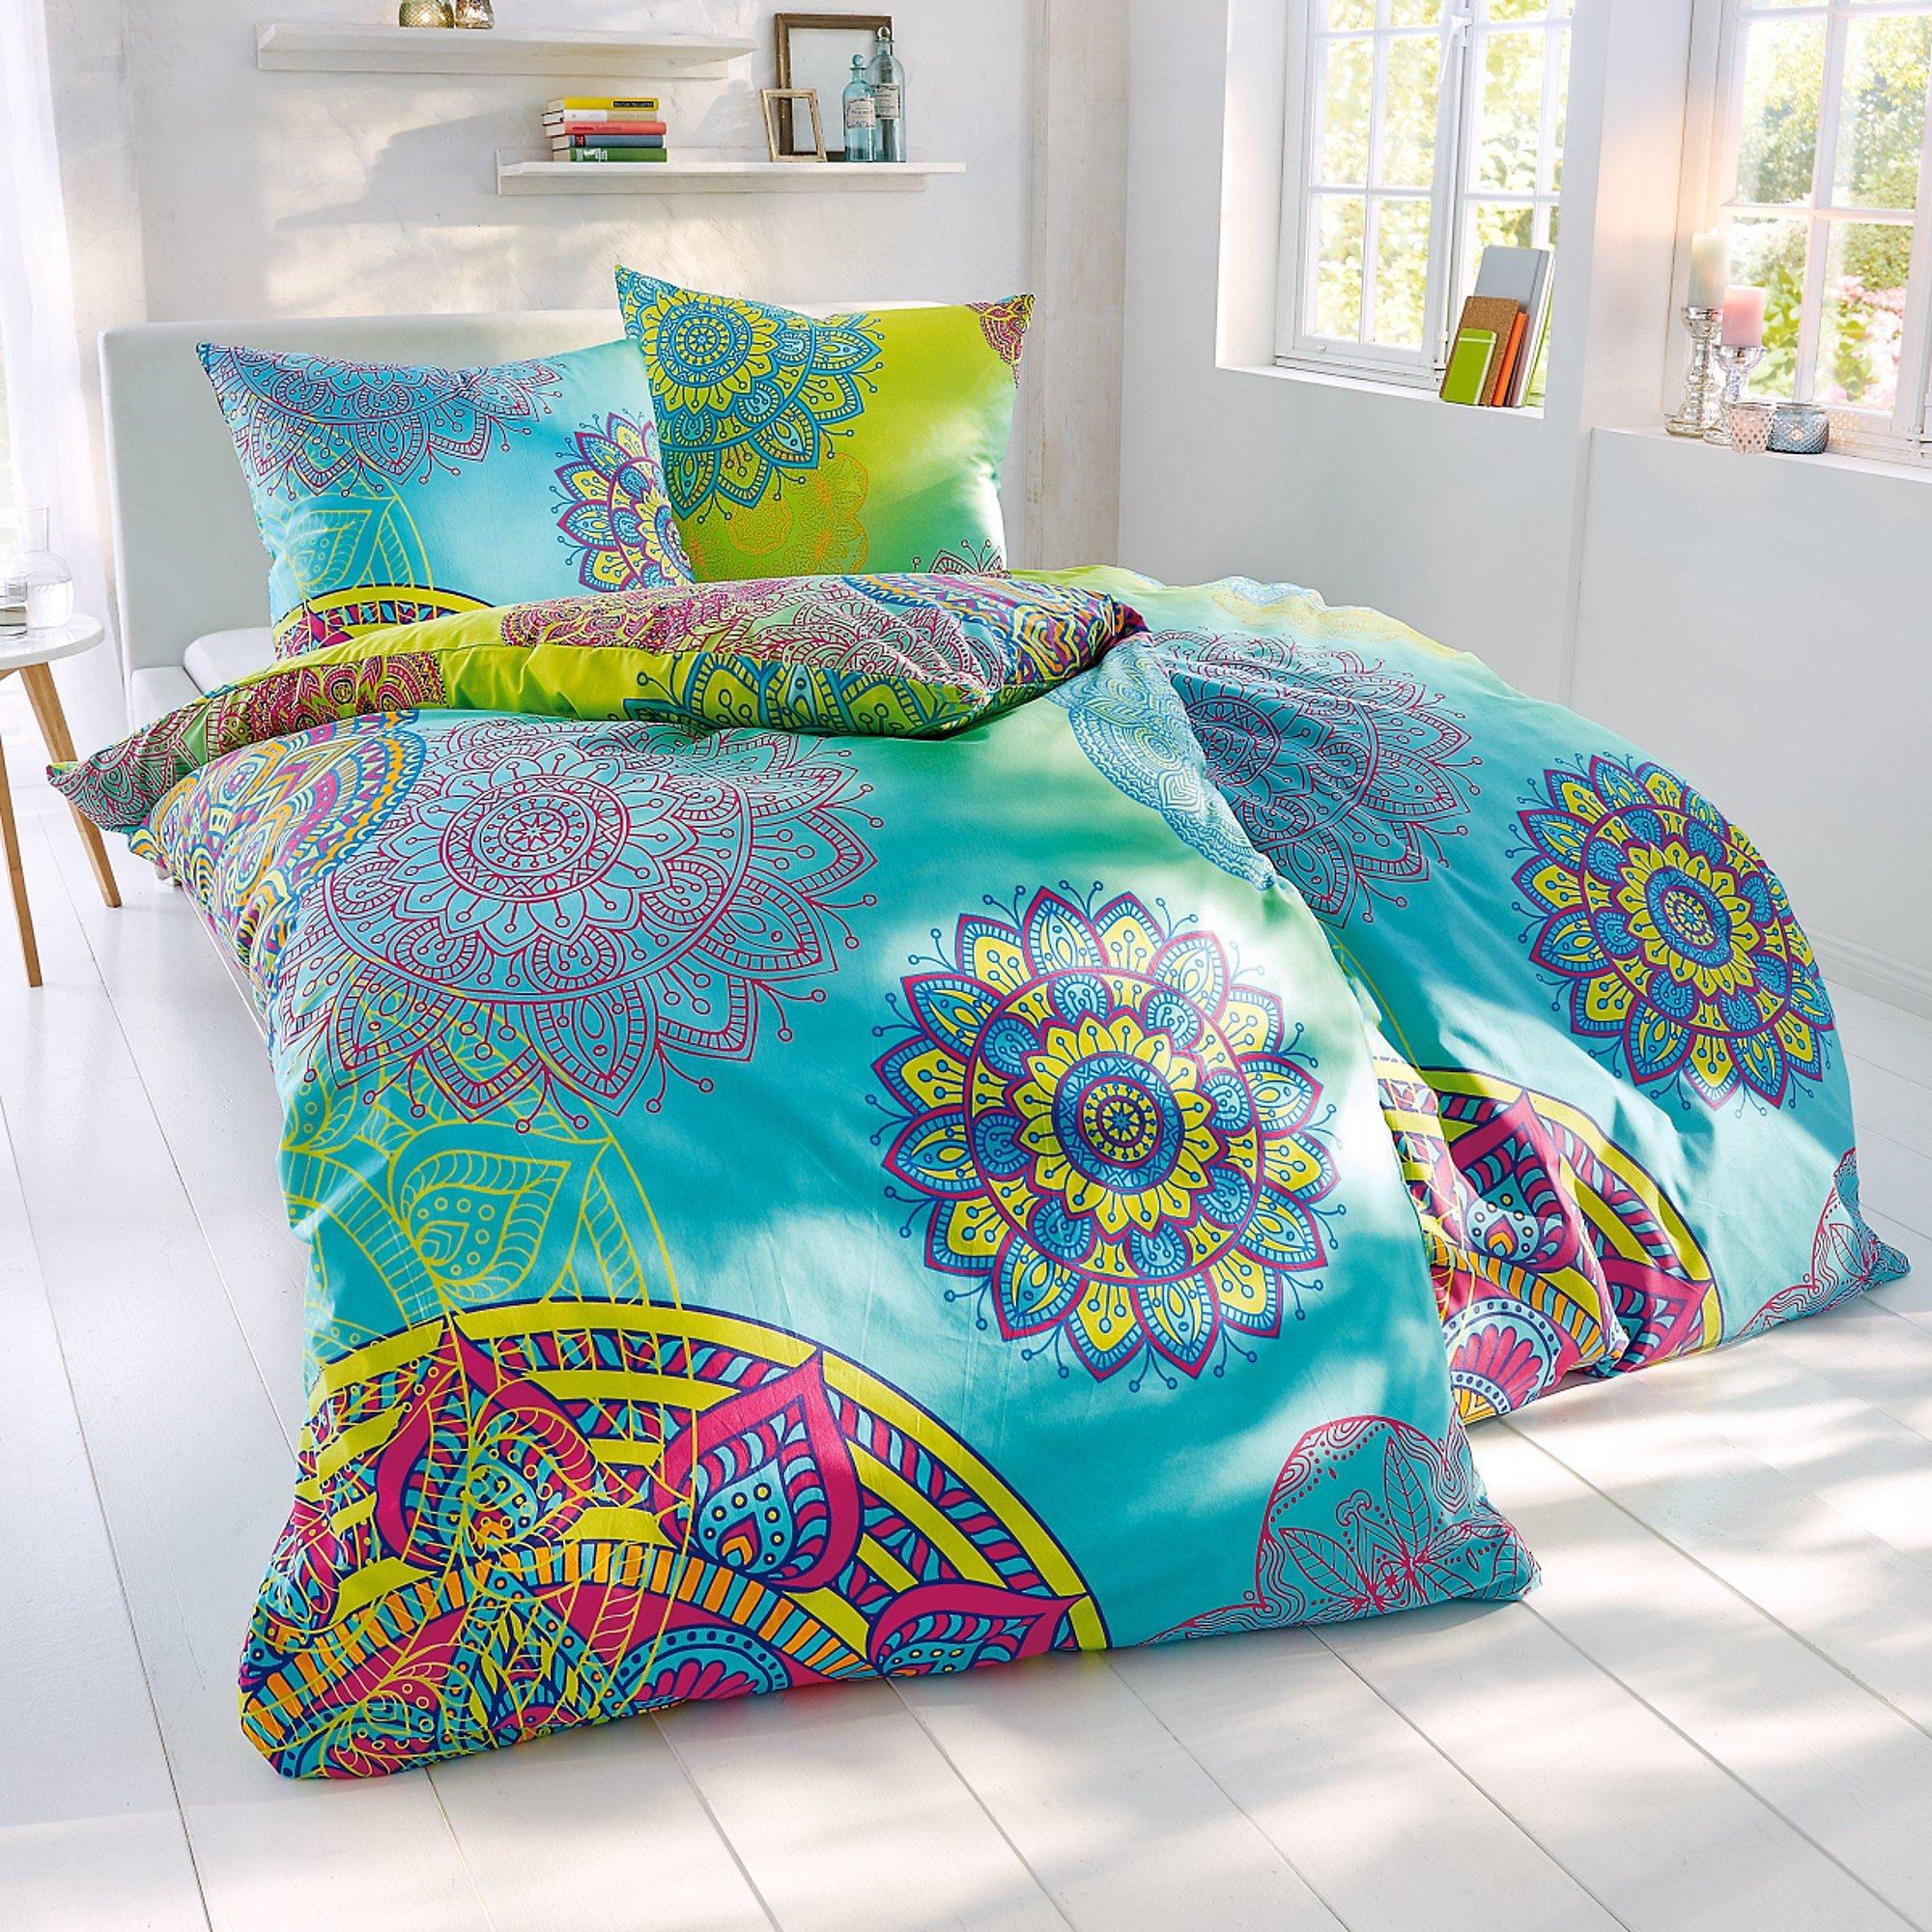 Bettwäsche 220 X 200 : bettw sche mystic blau gelb 135 x 200 cm bestellen ~ Watch28wear.com Haus und Dekorationen